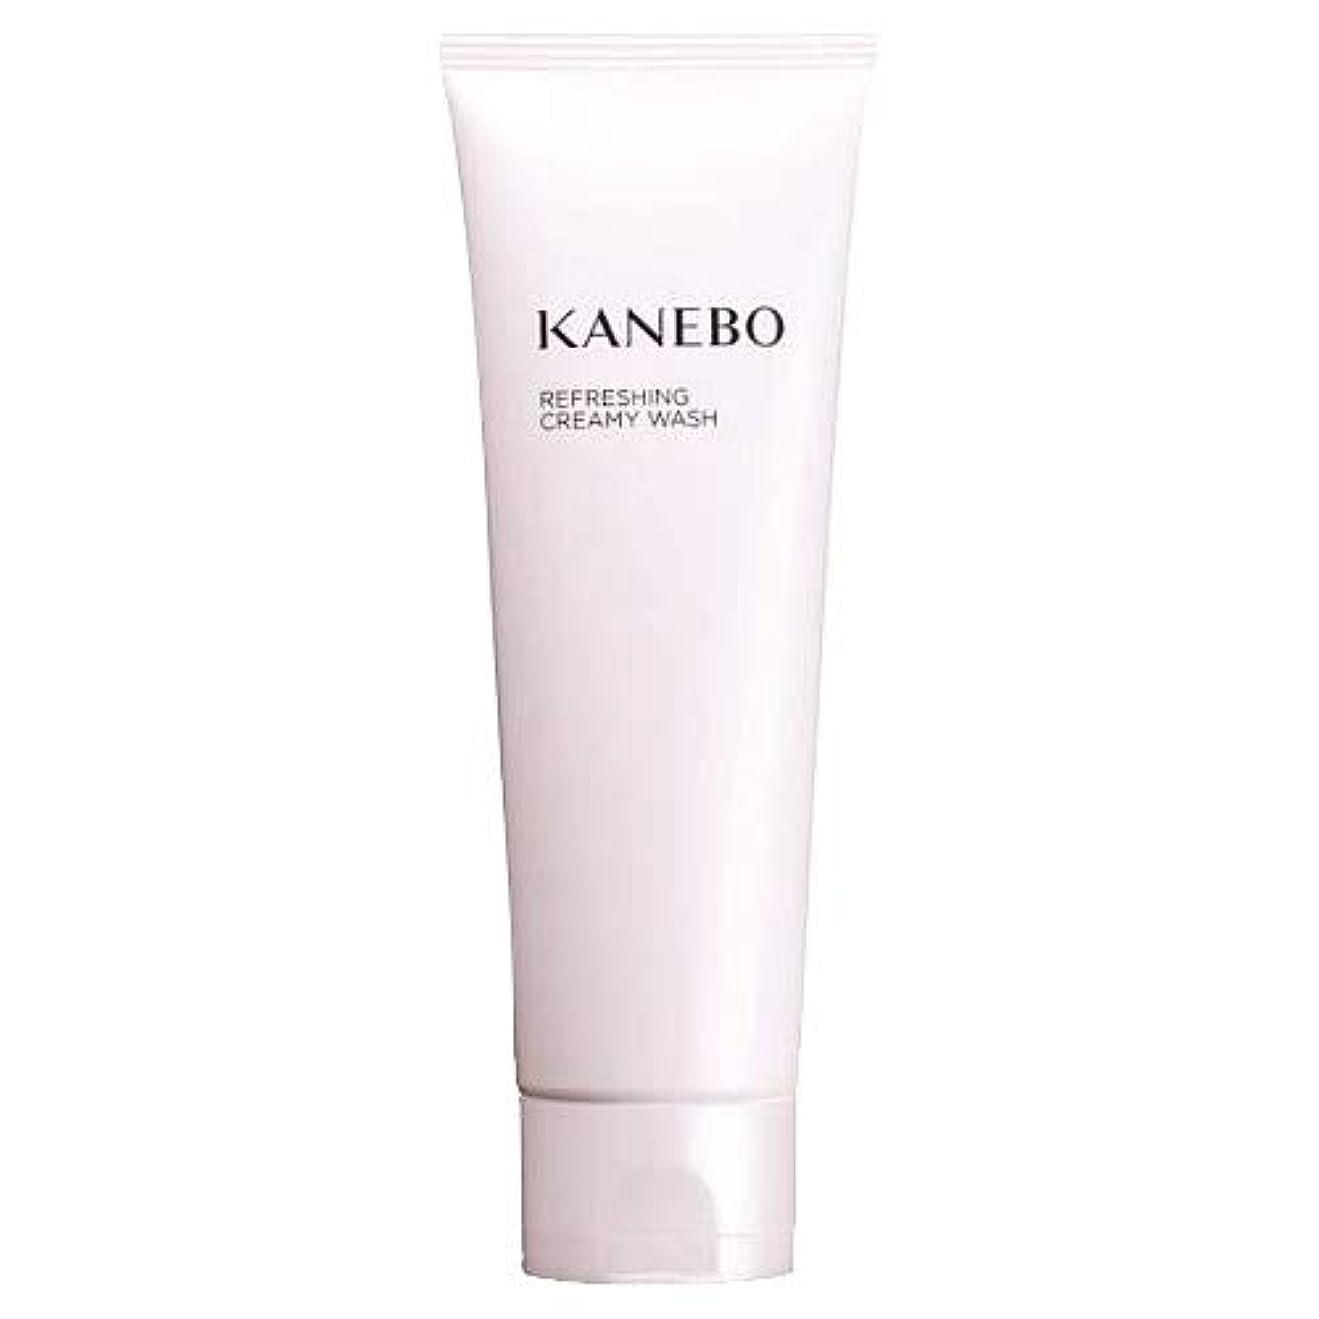 加入誤解を招くしなやかなカネボウ KANEBO 洗顔フォーム リフレッシングクリーミィウォッシュ 120ml :宅急便対応 送料無料 再入荷10 [並行輸入品]